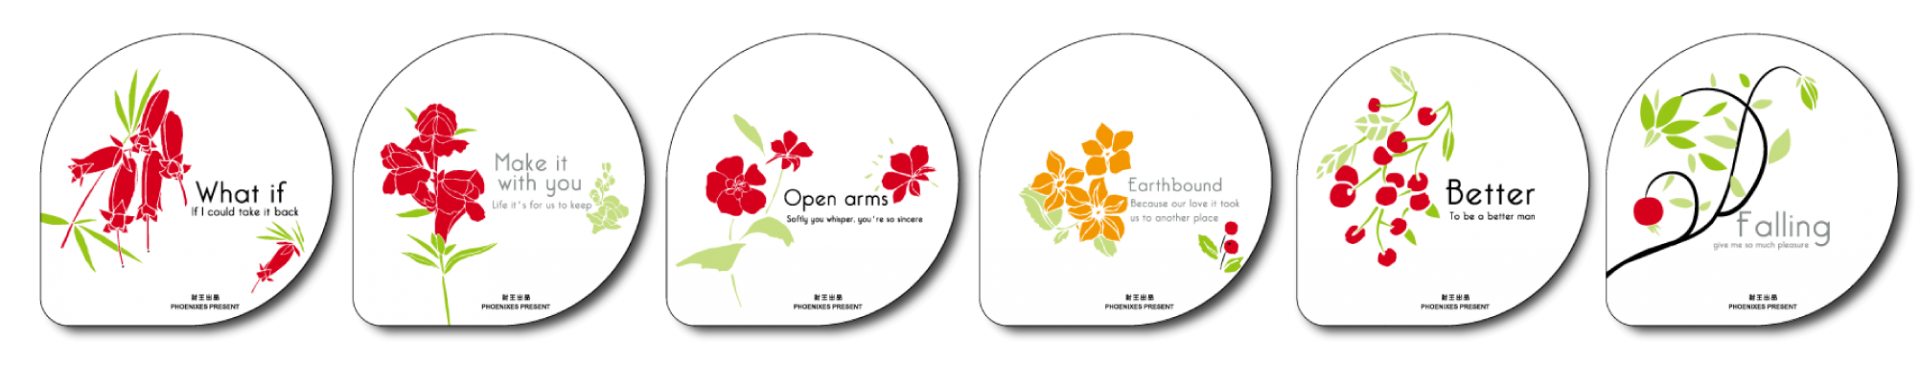 Стандартная бумажная пленка: Цветок